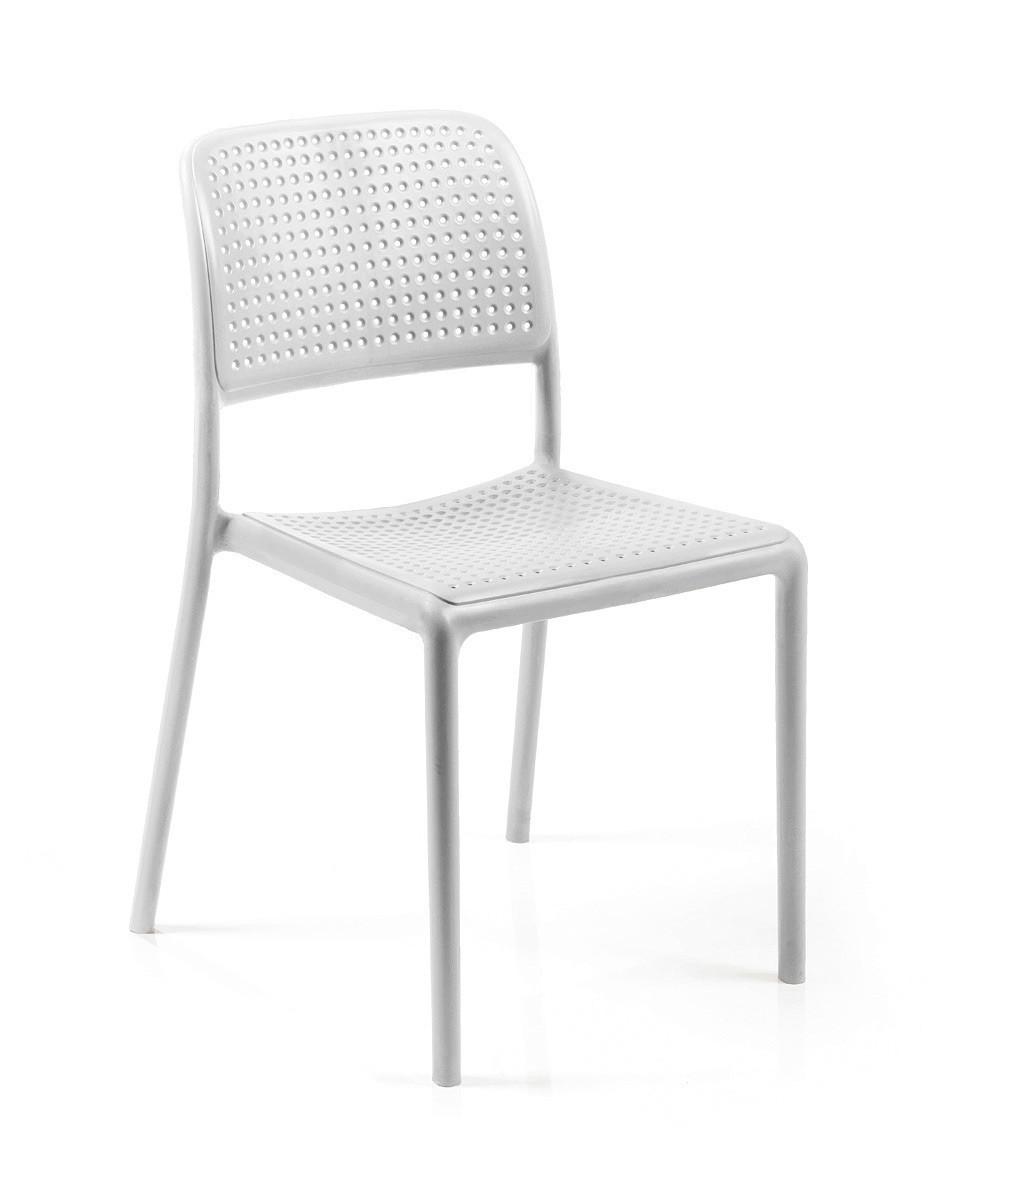 Nardi Stapelstuhl / Gartenstuhl Bora Bistrot Kunststoff bianco Bild 1